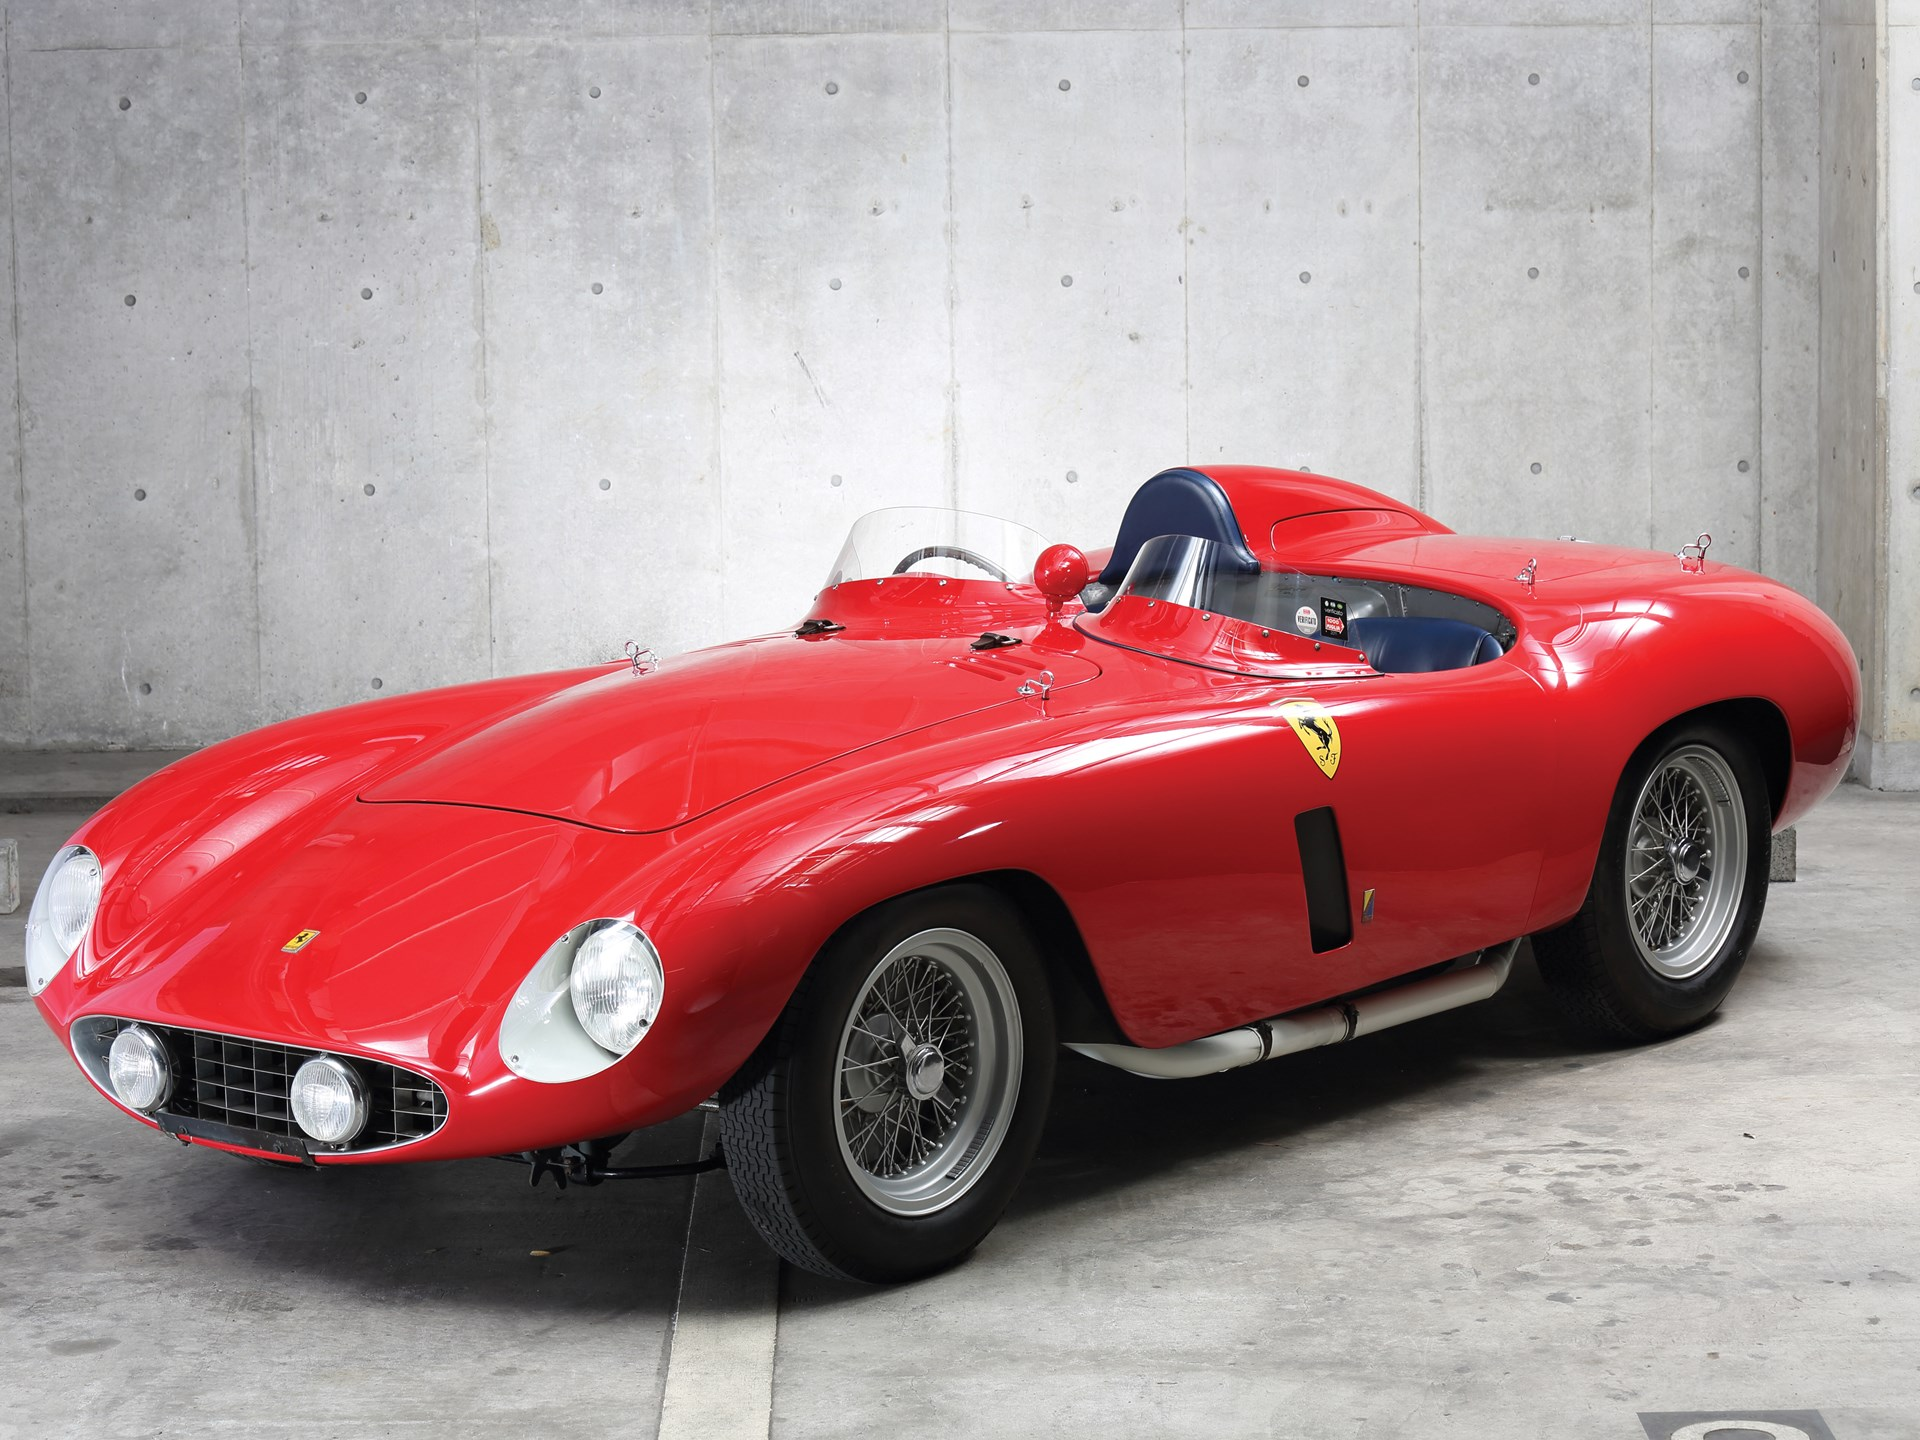 1955 Ferrari 750 Monza by Scaglietti